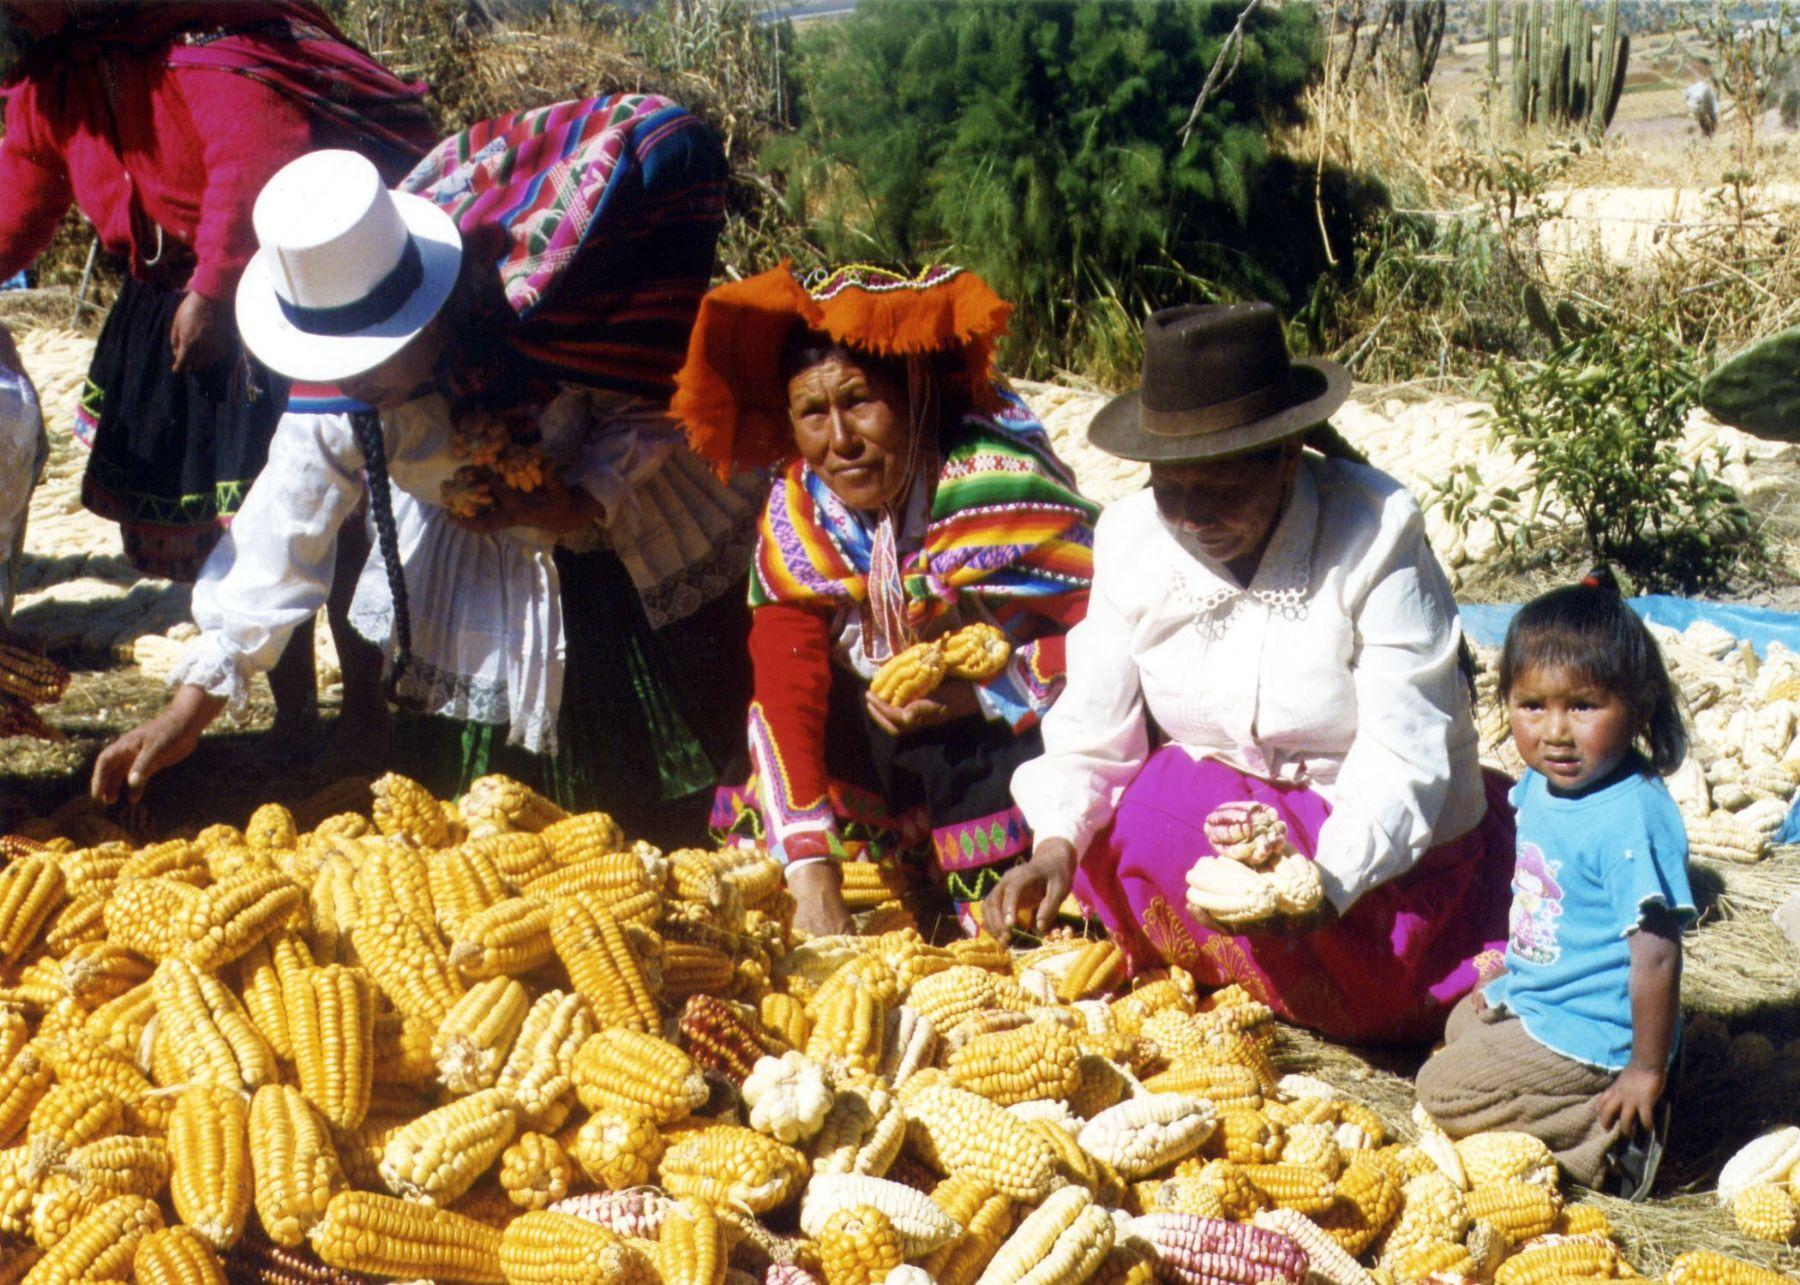 """POR TRES DÍAS CONSECUTIVOS SE DESARROLLARÁ EL CONGRESO INTERNACIONAL  EL """"ORIGEN Y EVOLUCIÓN DEL MAÍZ EN LOS ANDES"""""""